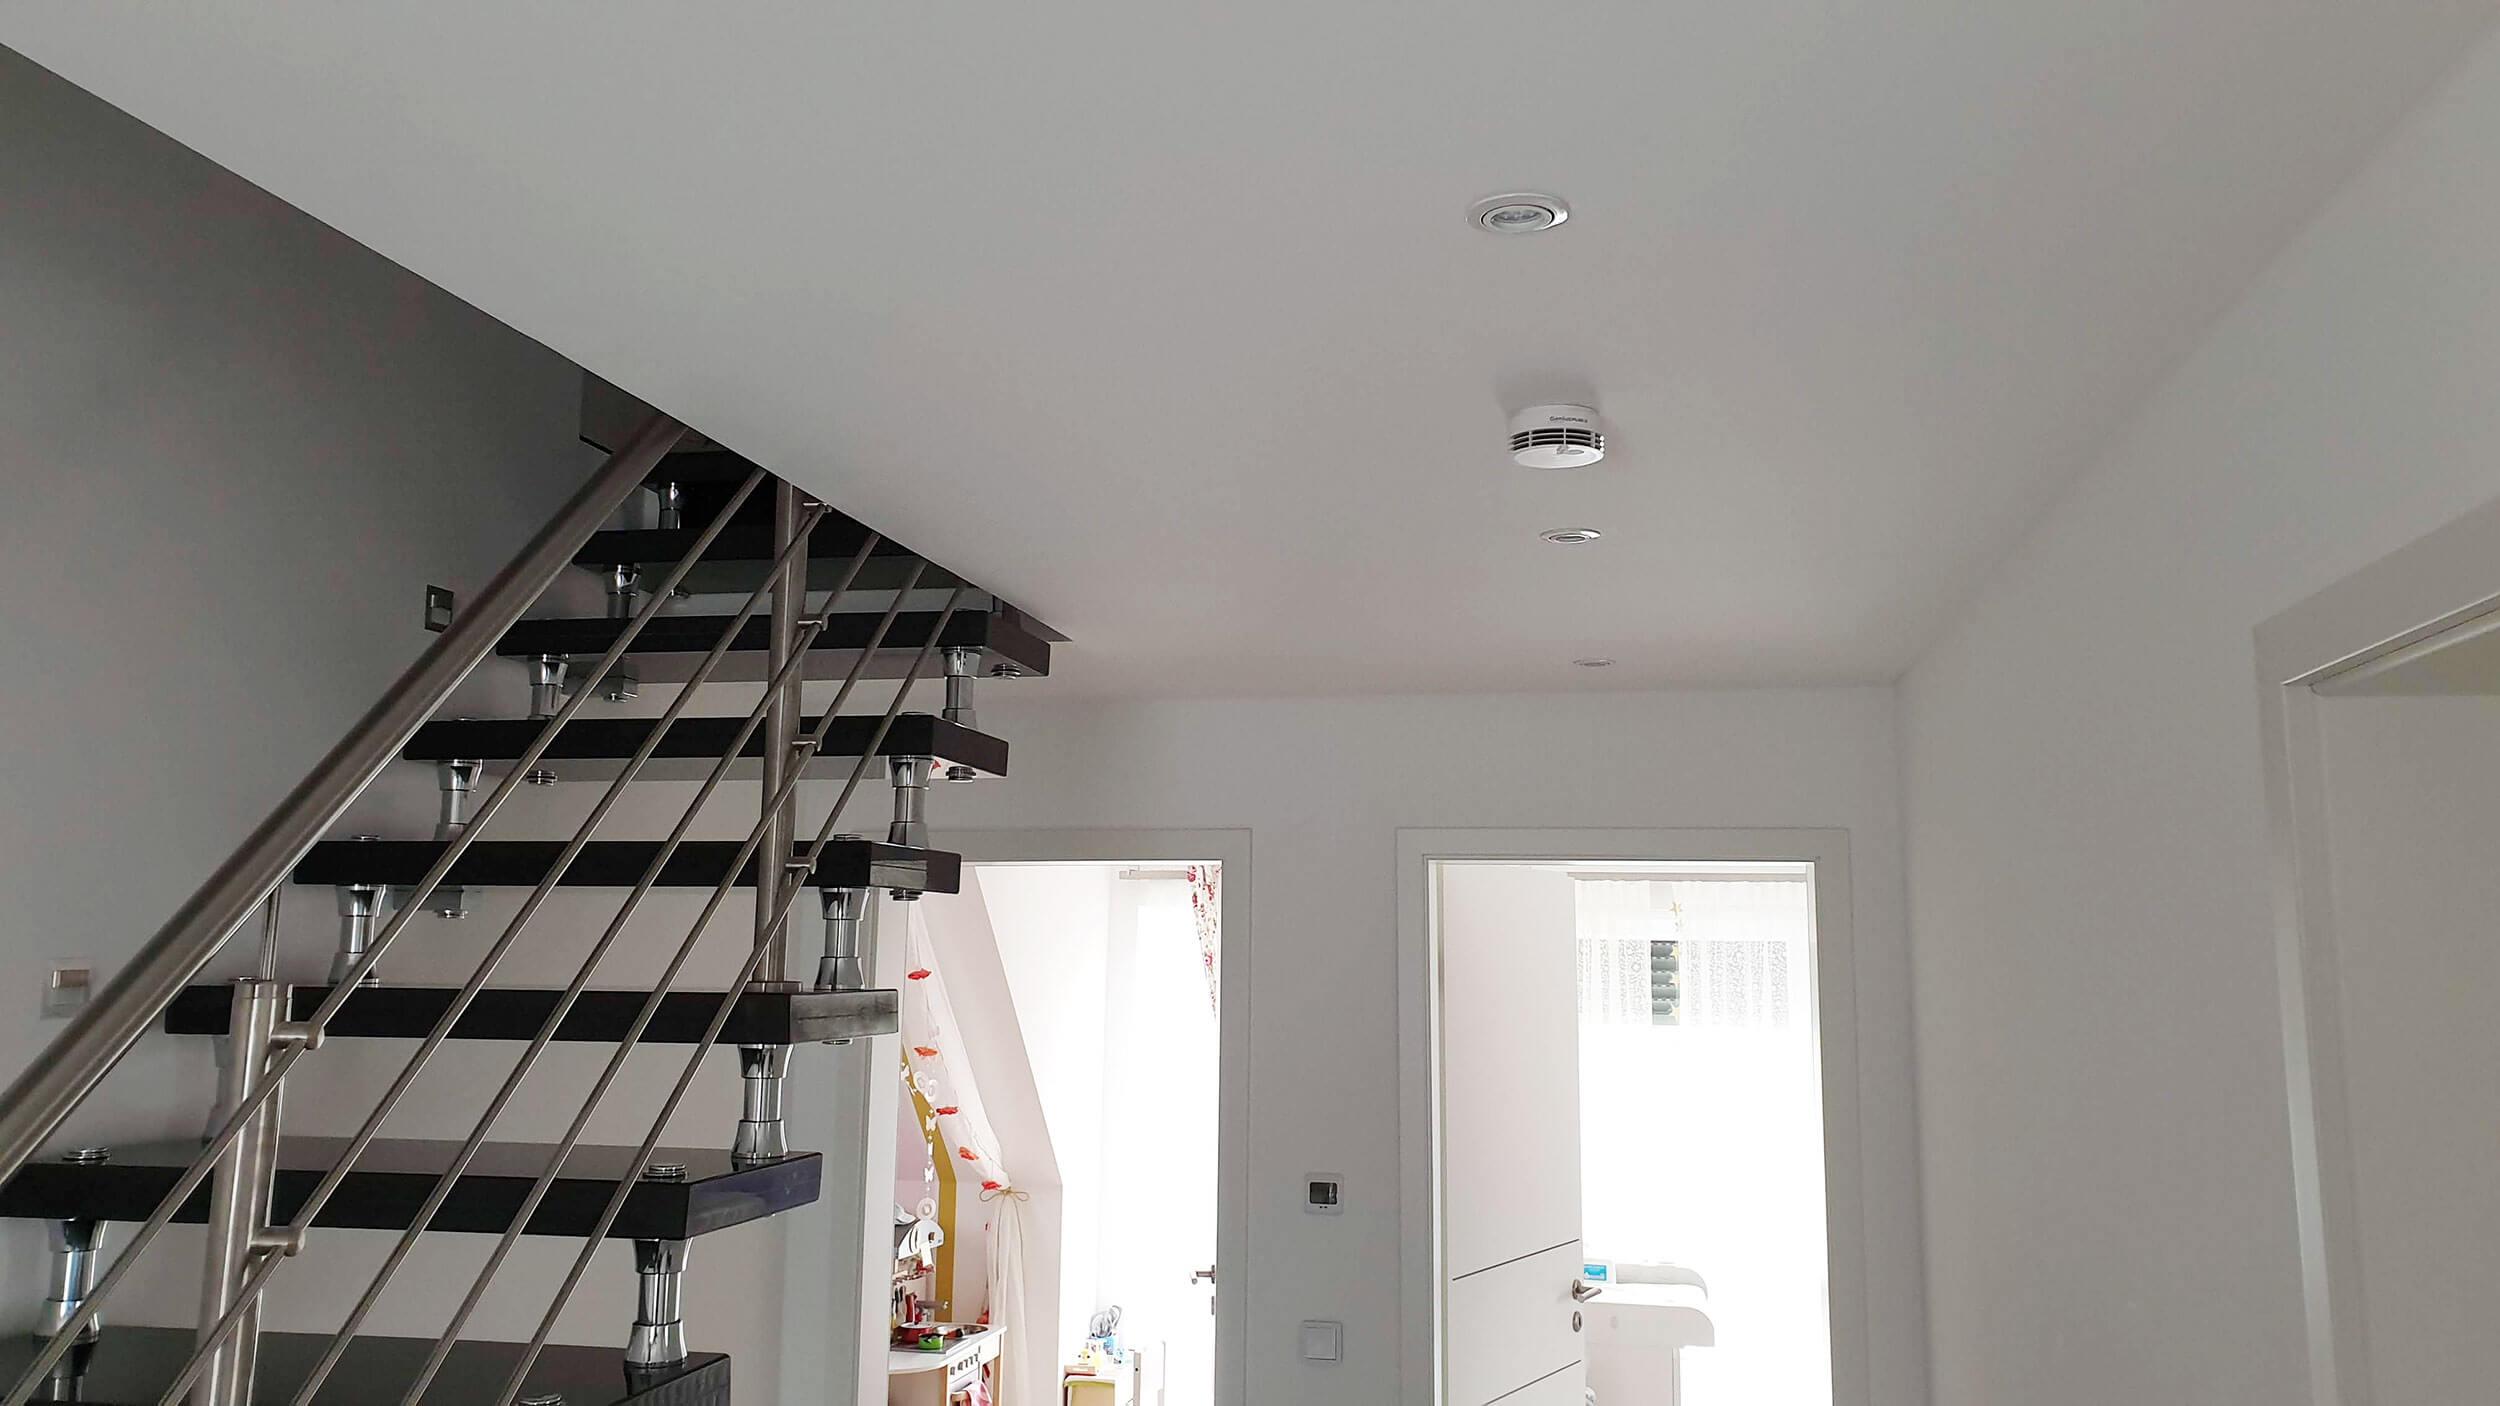 Rauchmelder anbringen // Pflicht und Montage in den Räumen